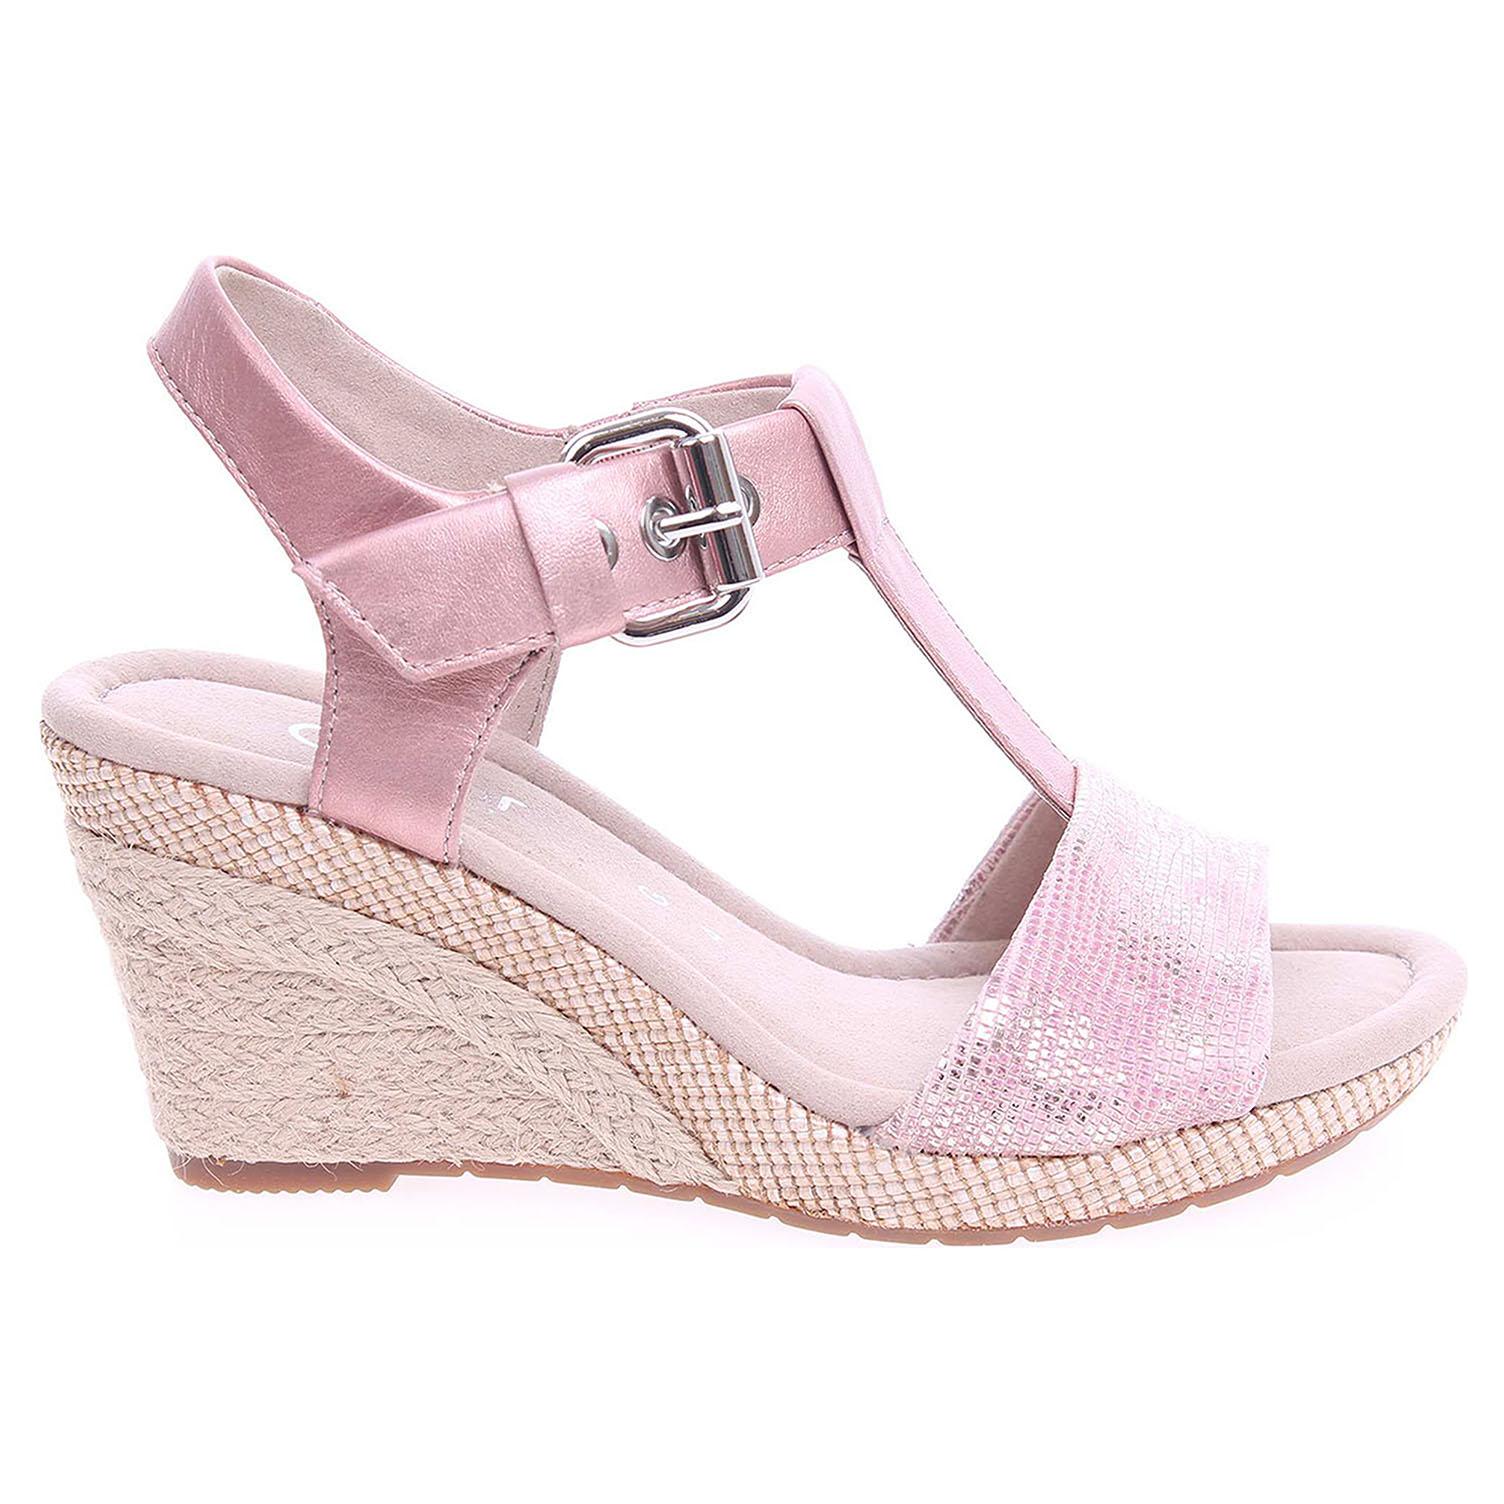 Ecco Gabor dámské sandály 42.824.68 růžové 23800988